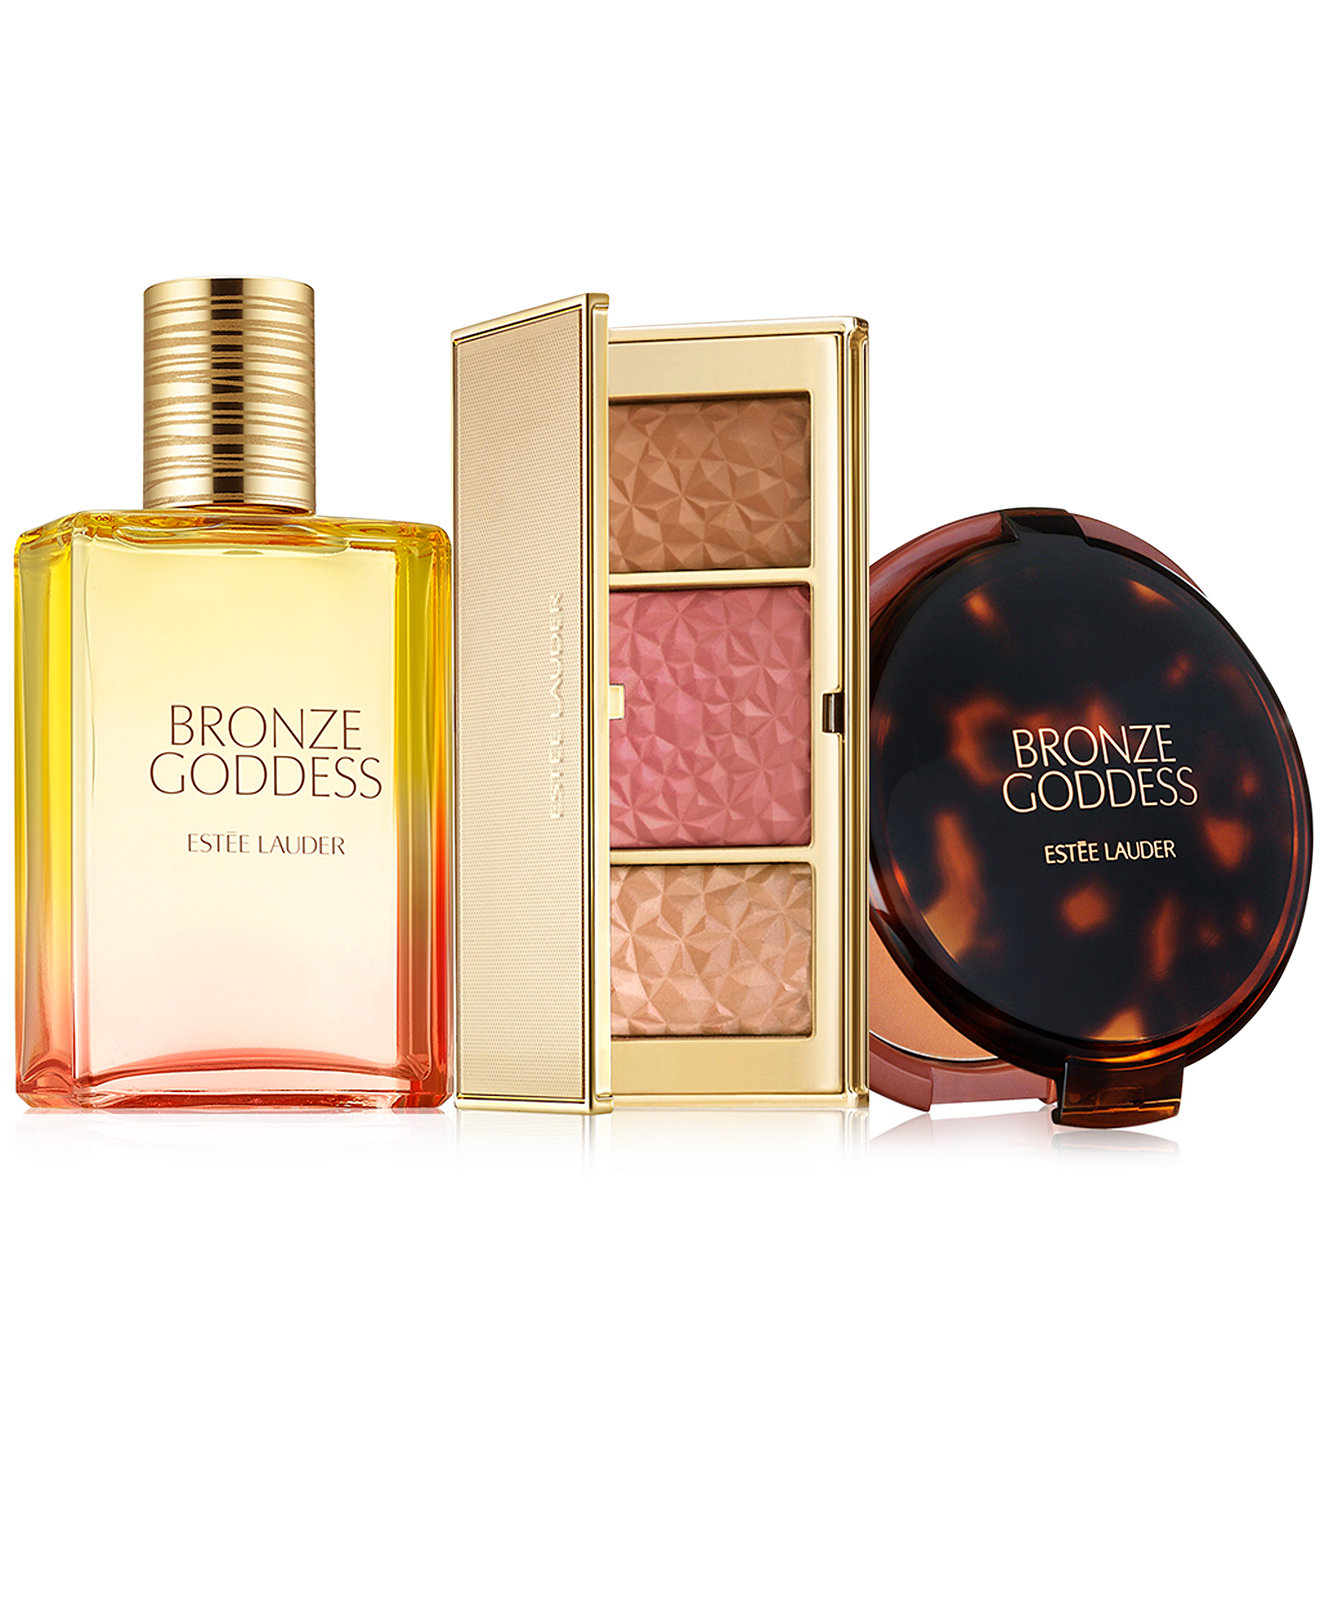 Bronze Goddess Eau Fraiche Skinscent 2016 Estée Lauder perfume a